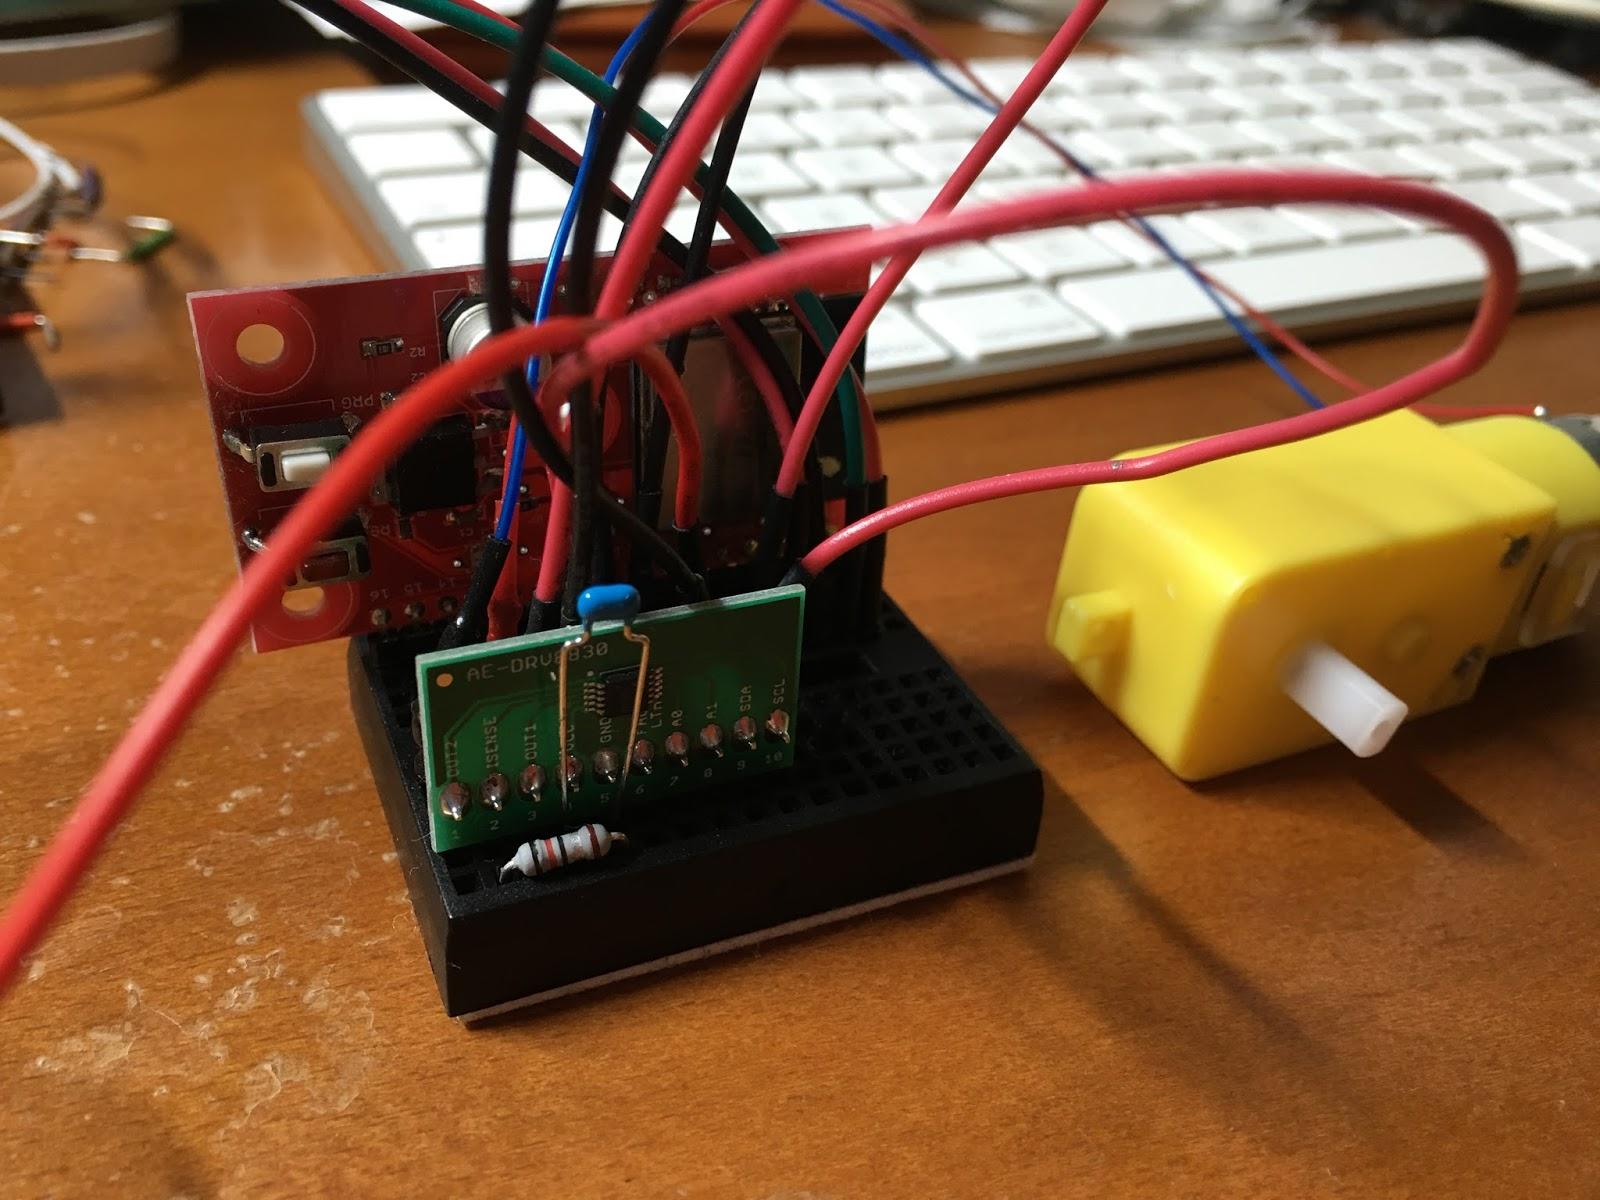 じわじわ進む: 170円でDCモータを制御(DRV8830):ESP-WROOM-02